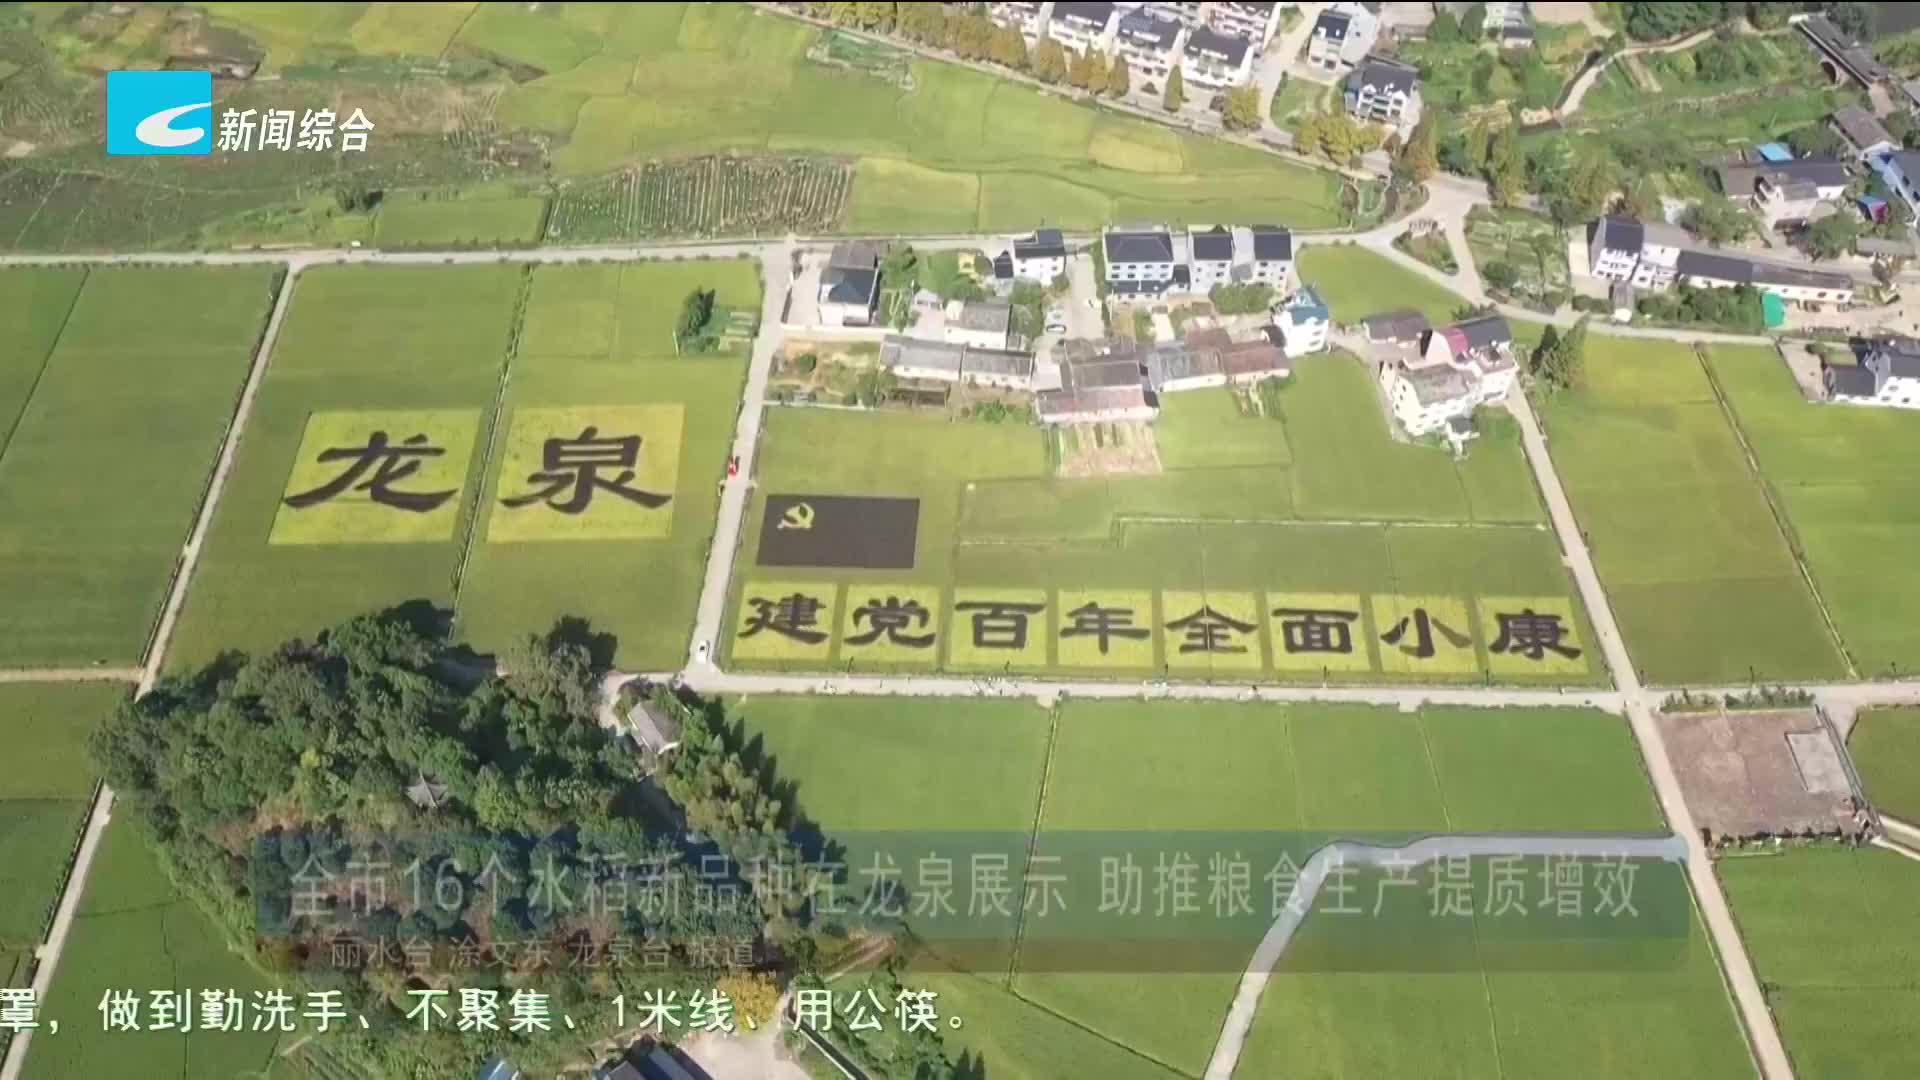 全市16个水稻新品种在龙泉展示 助推粮食生产提质增效